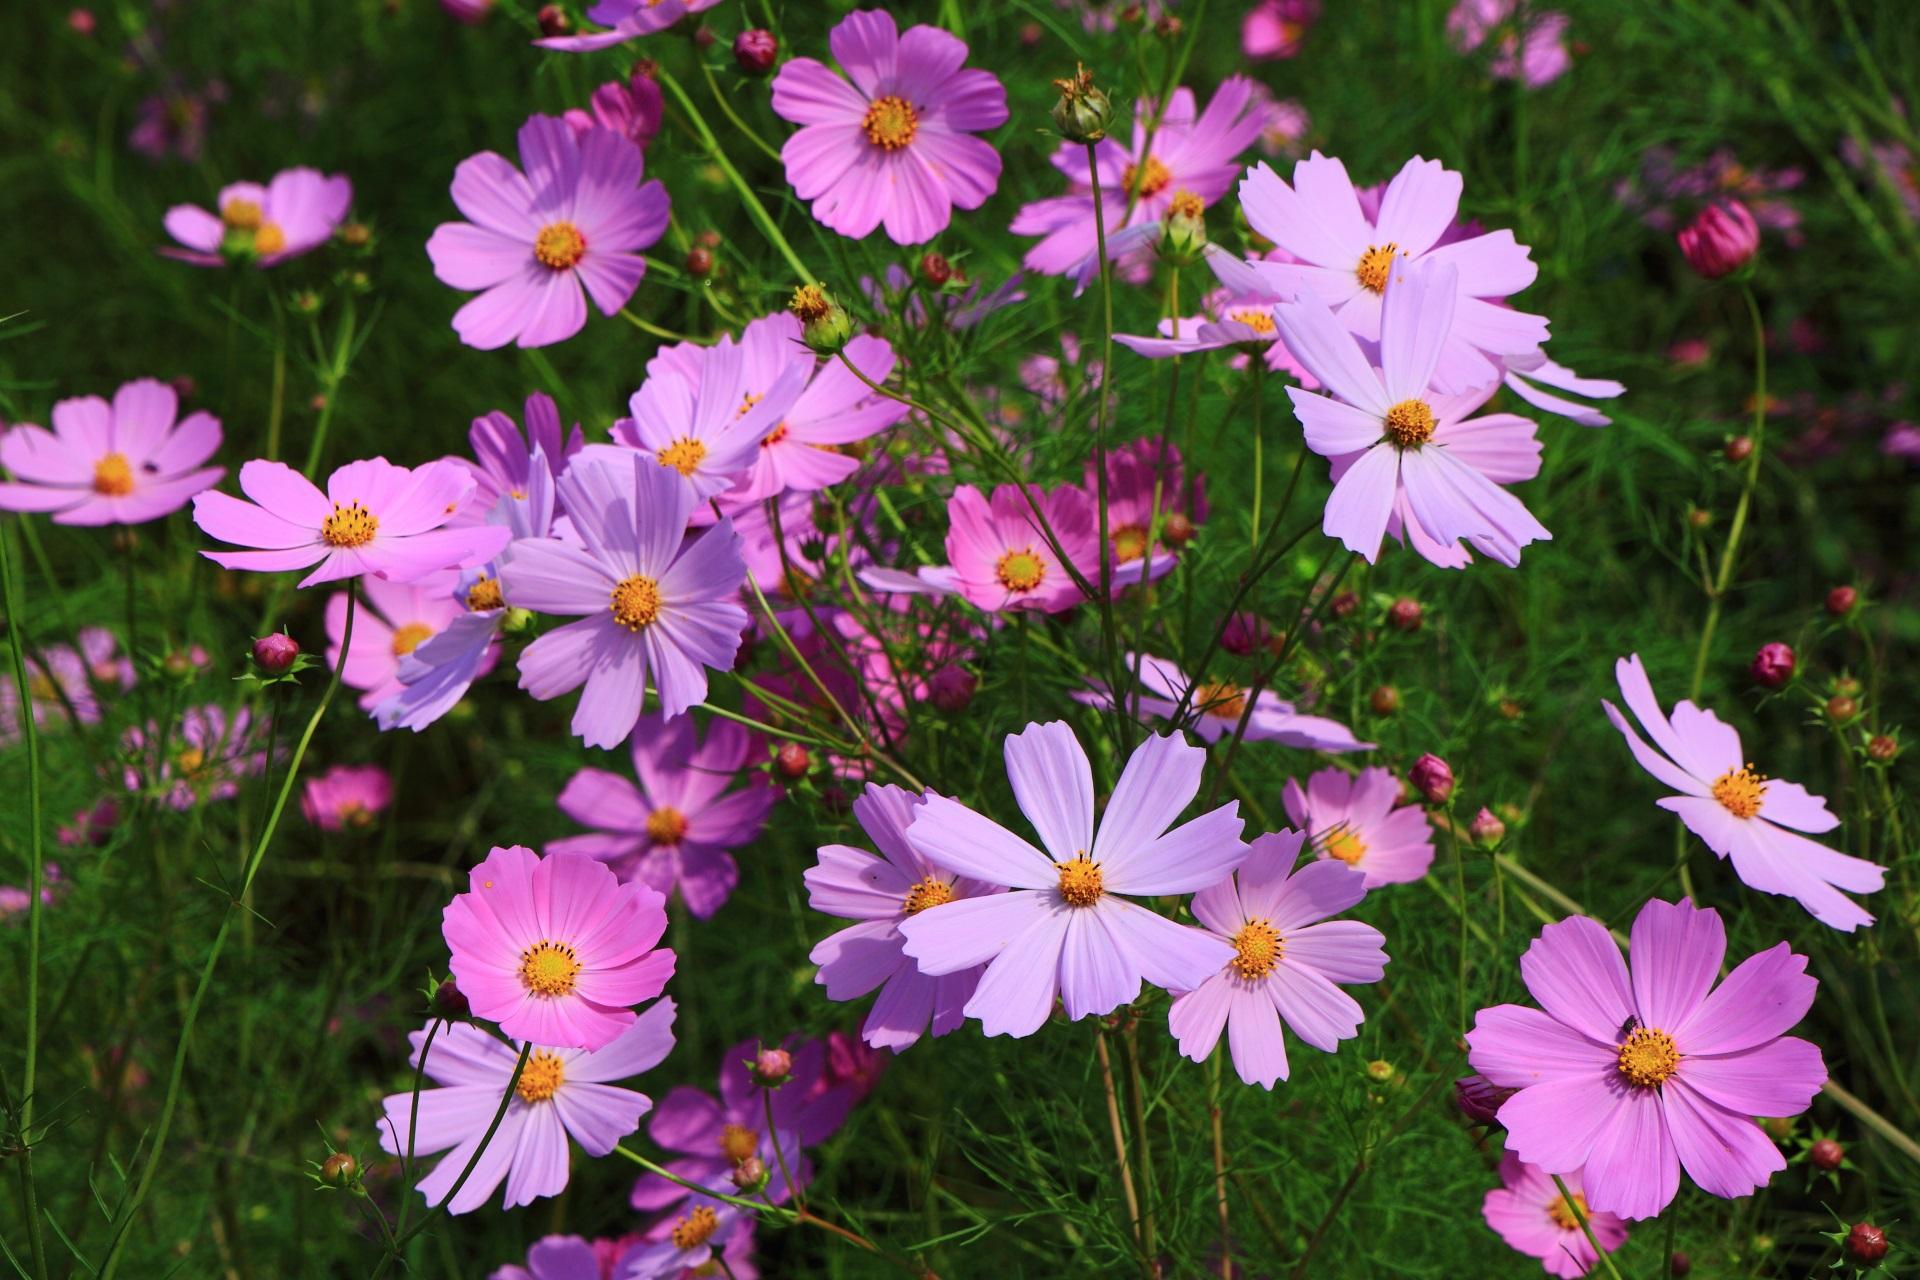 大原の里の元気いっぱいに咲き誇るコスモスの花